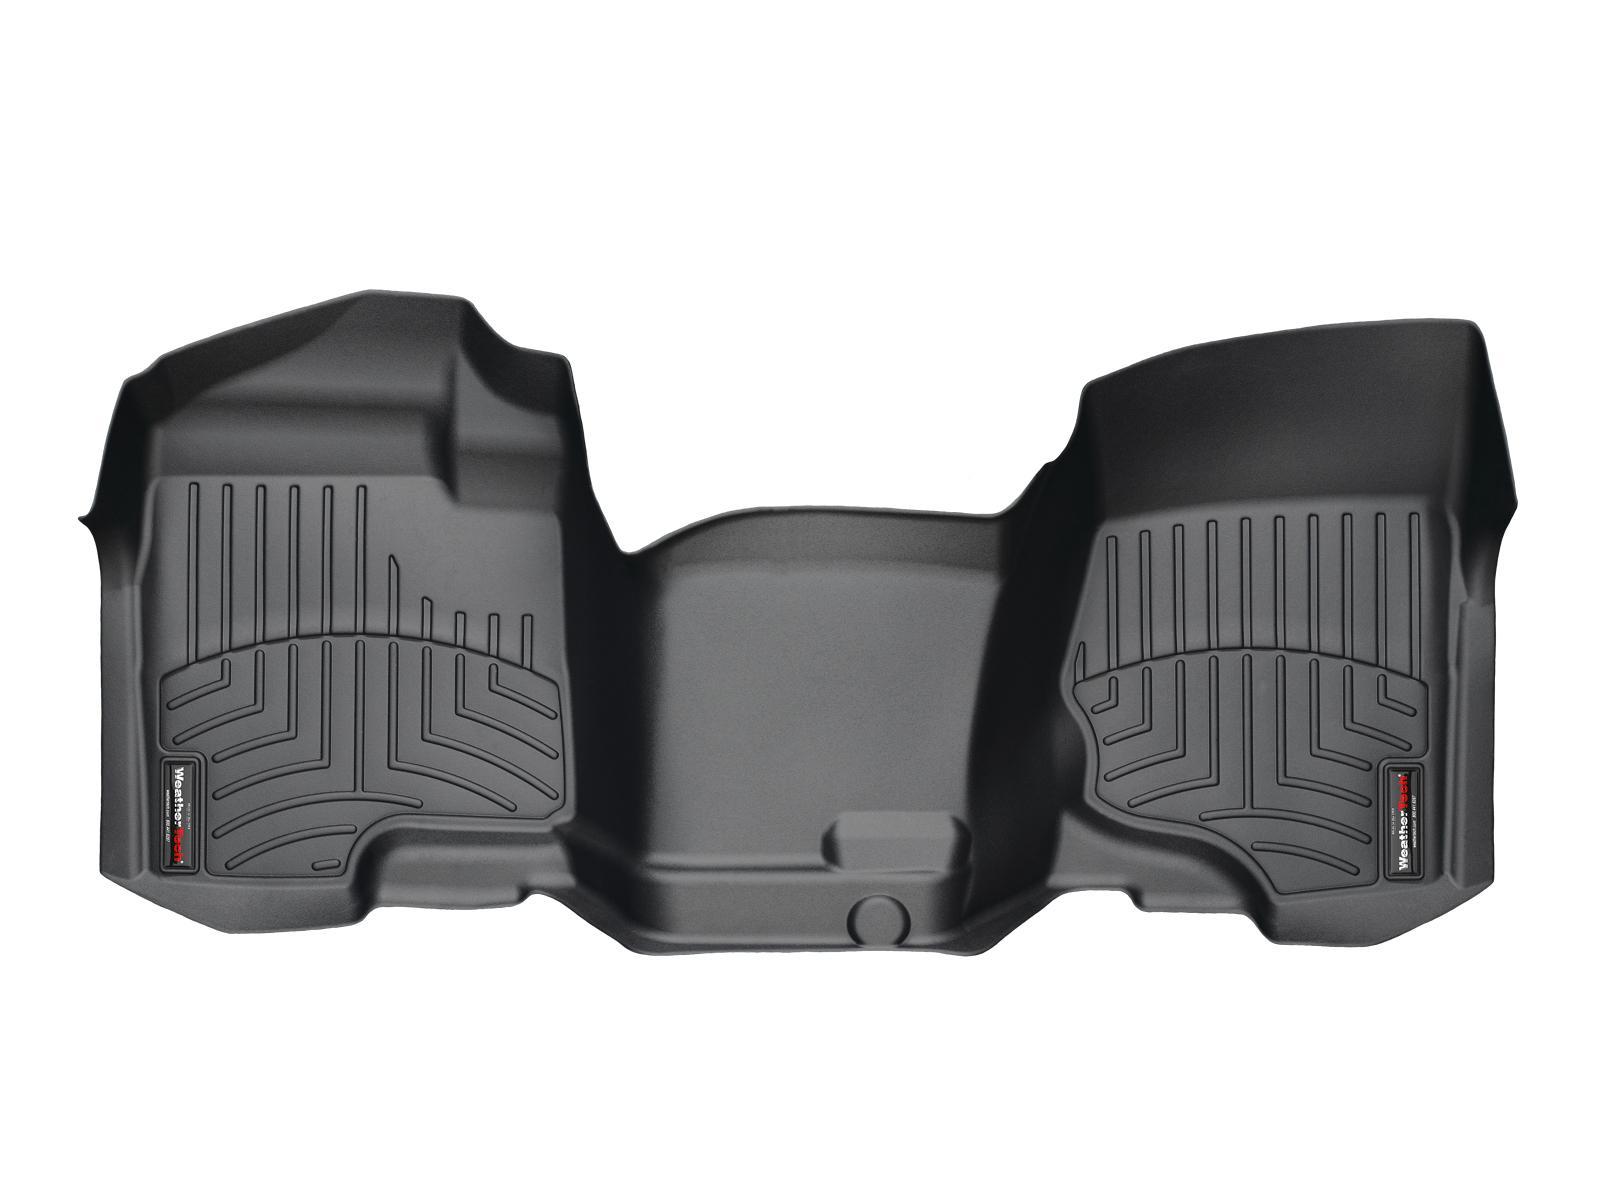 Tappeti gomma su misura bordo alto Chevrolet Silverado 07>07 Nero A171